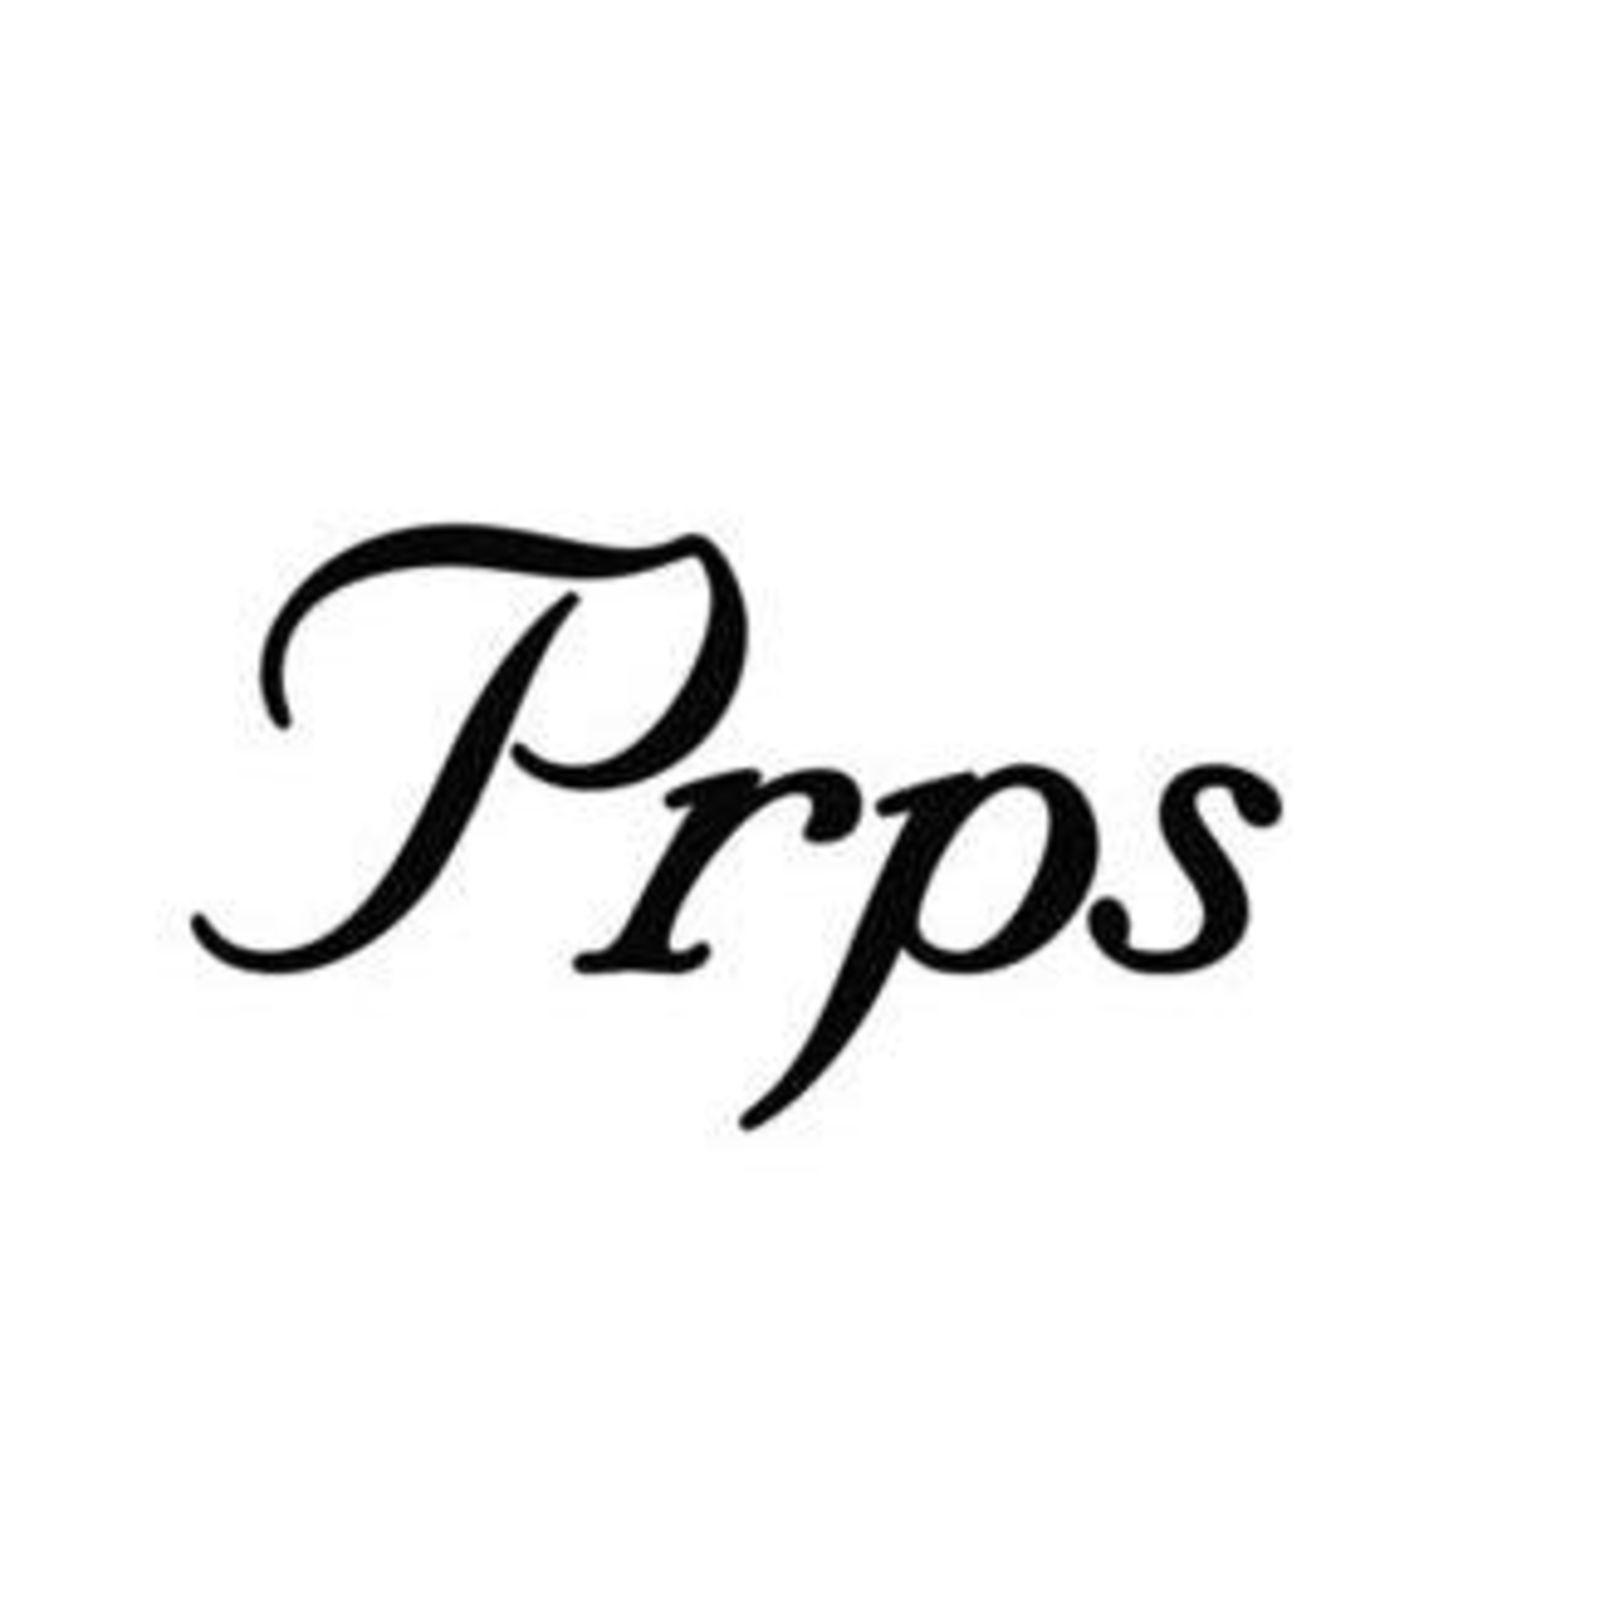 Prps (Image 1)